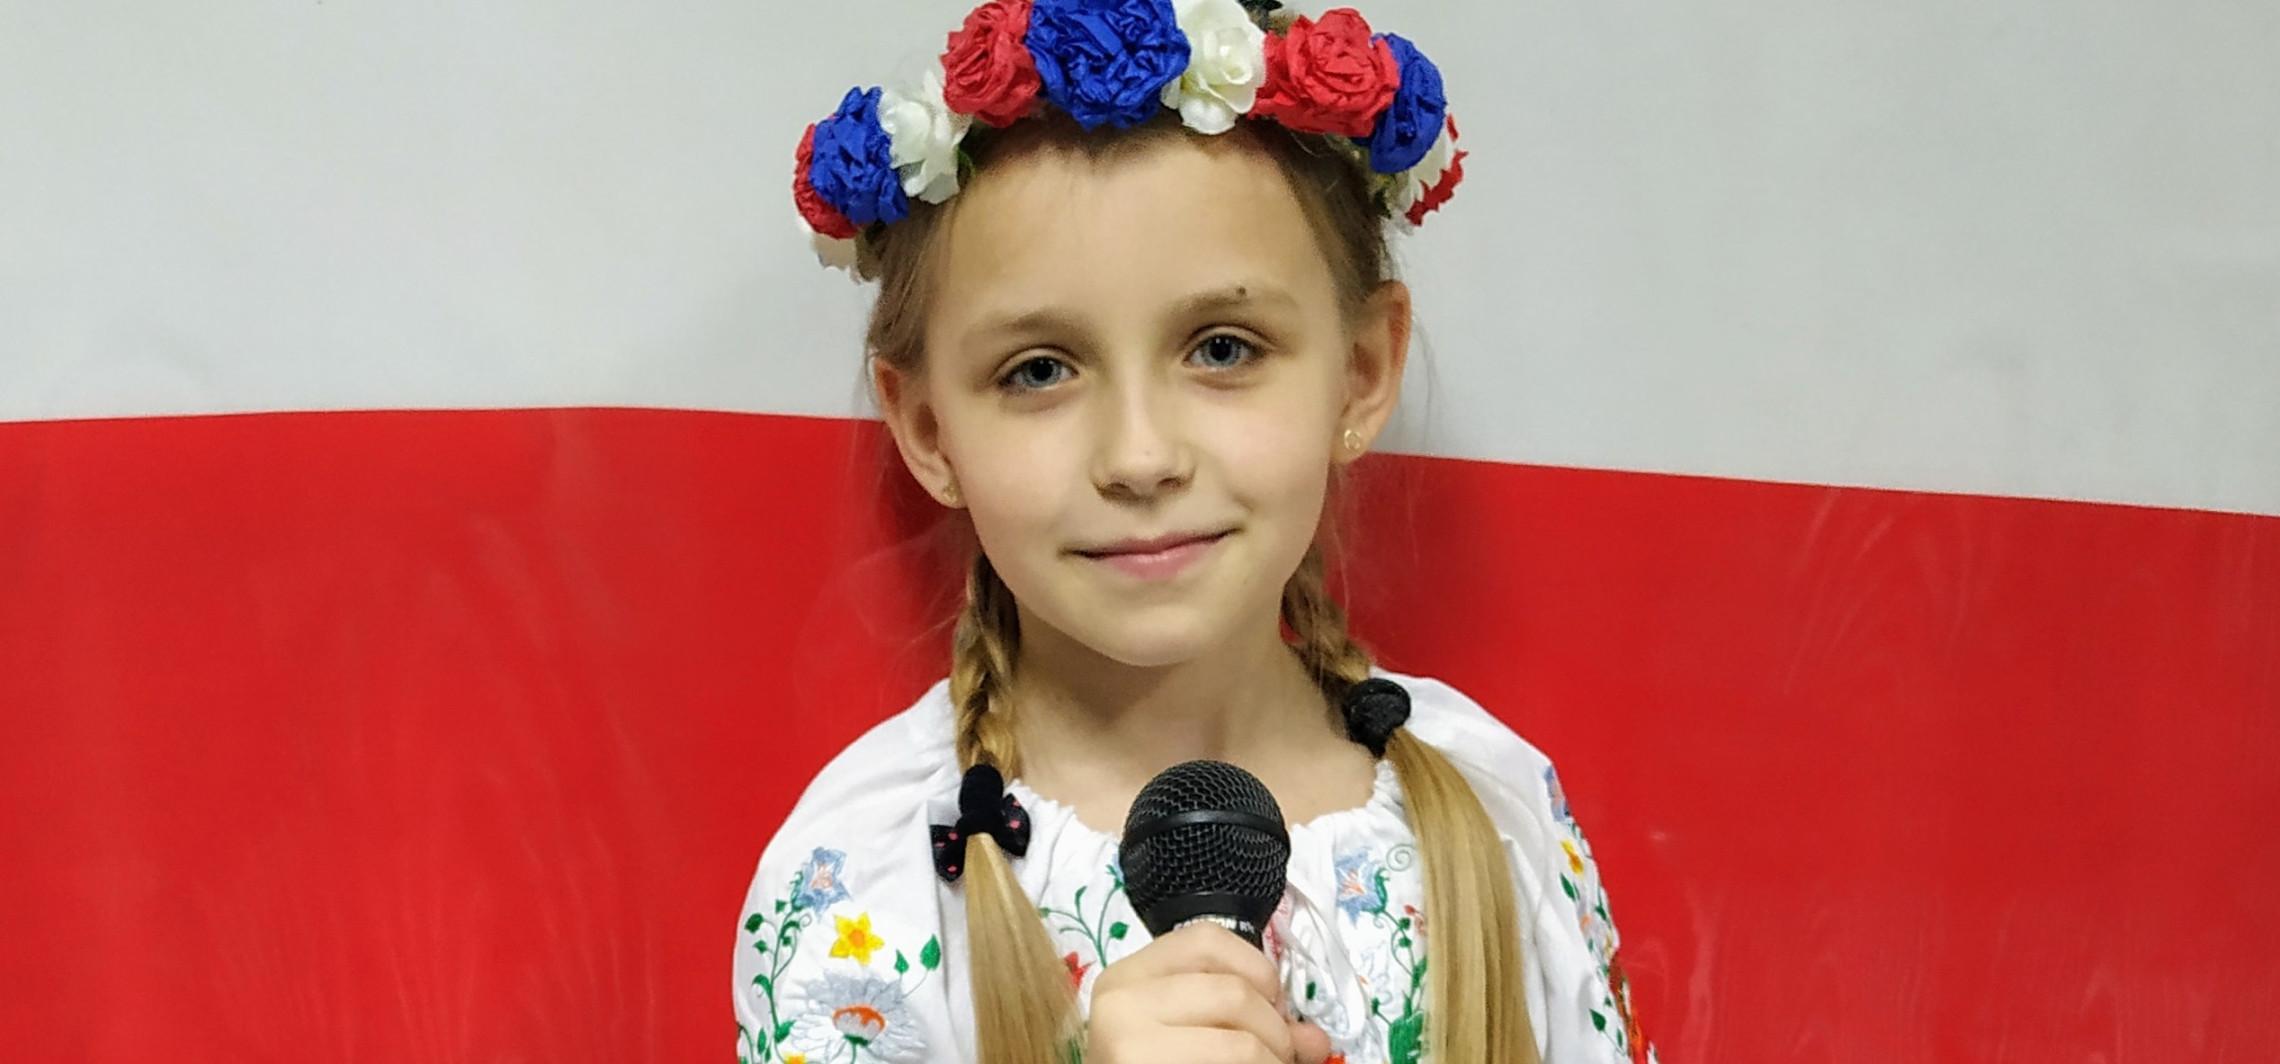 Inowrocław - Inowrocławianka najlepsza w konkursie muzycznym